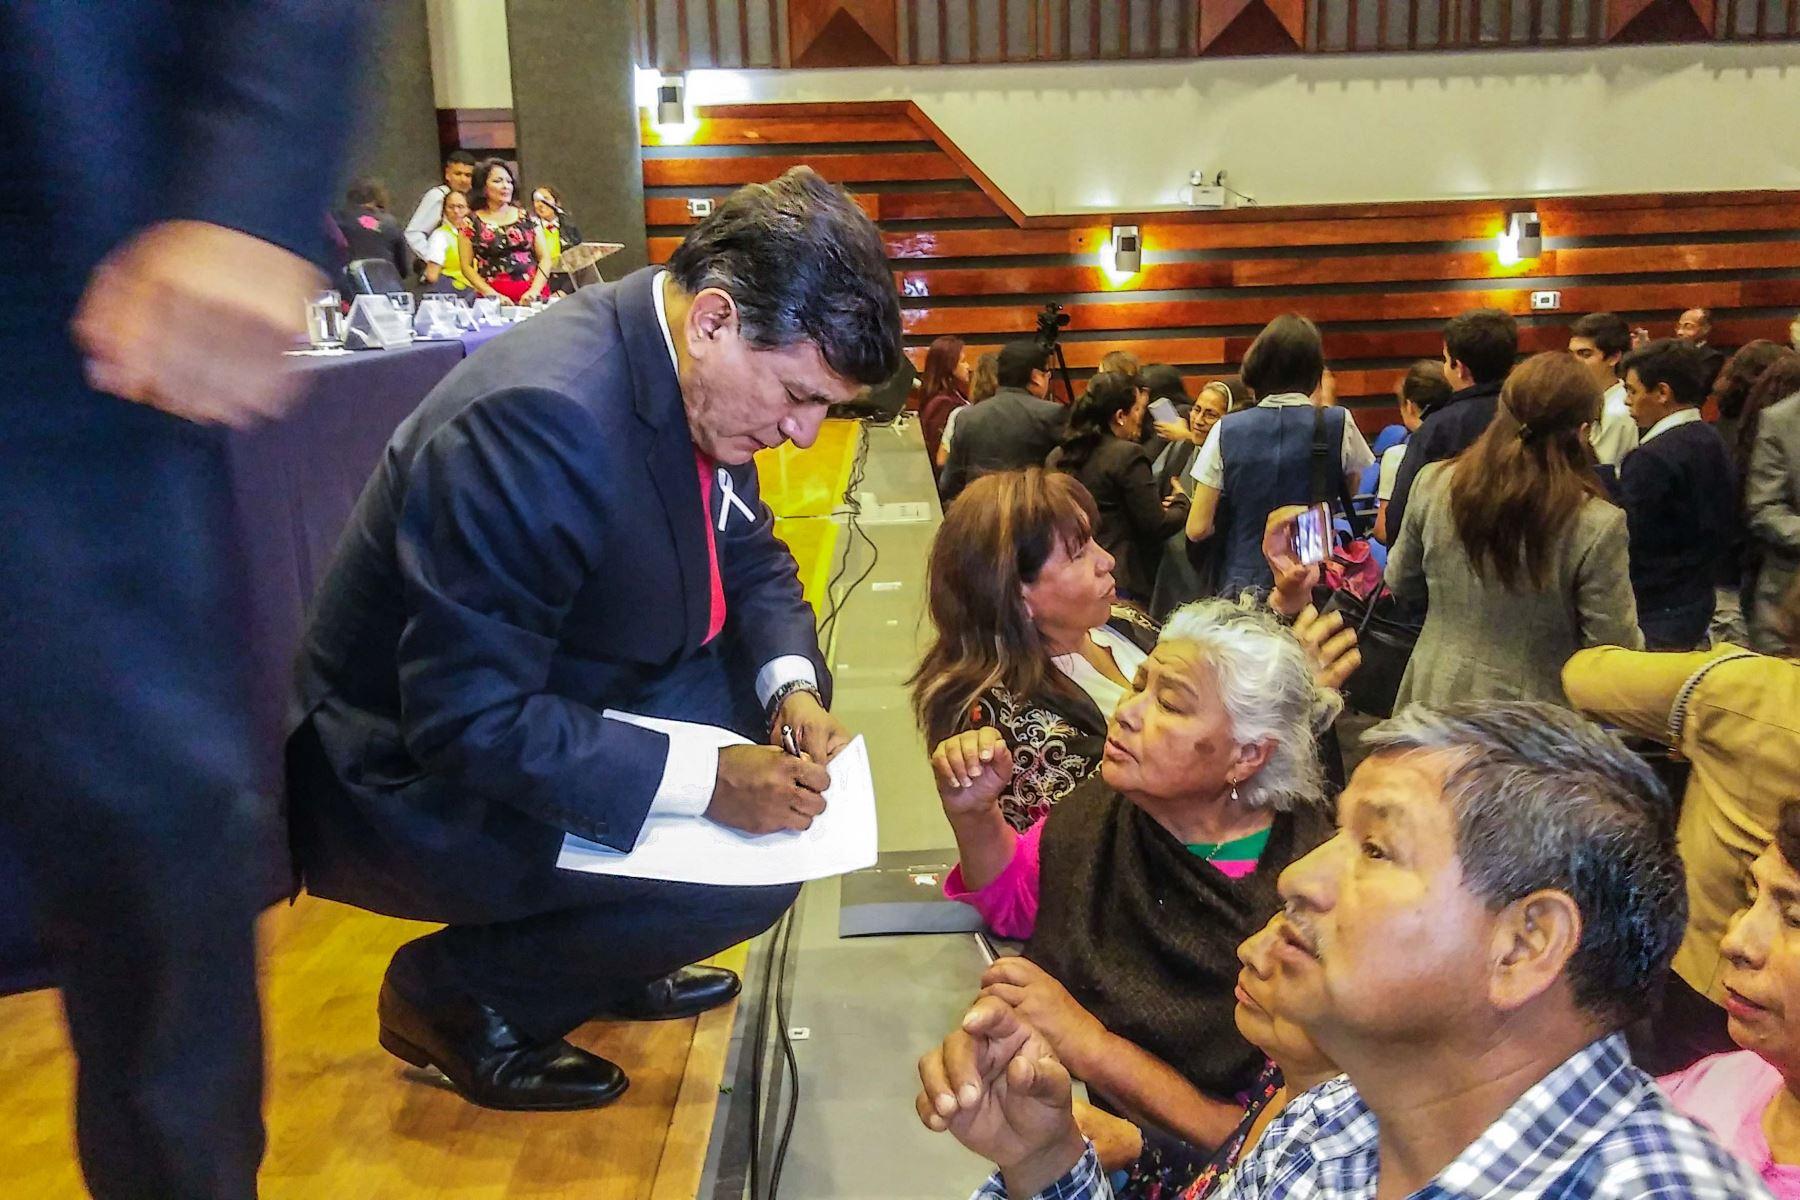 Tras su exposición, ministro Morán escuchó pedidos de asistentes. Foto: Mininter